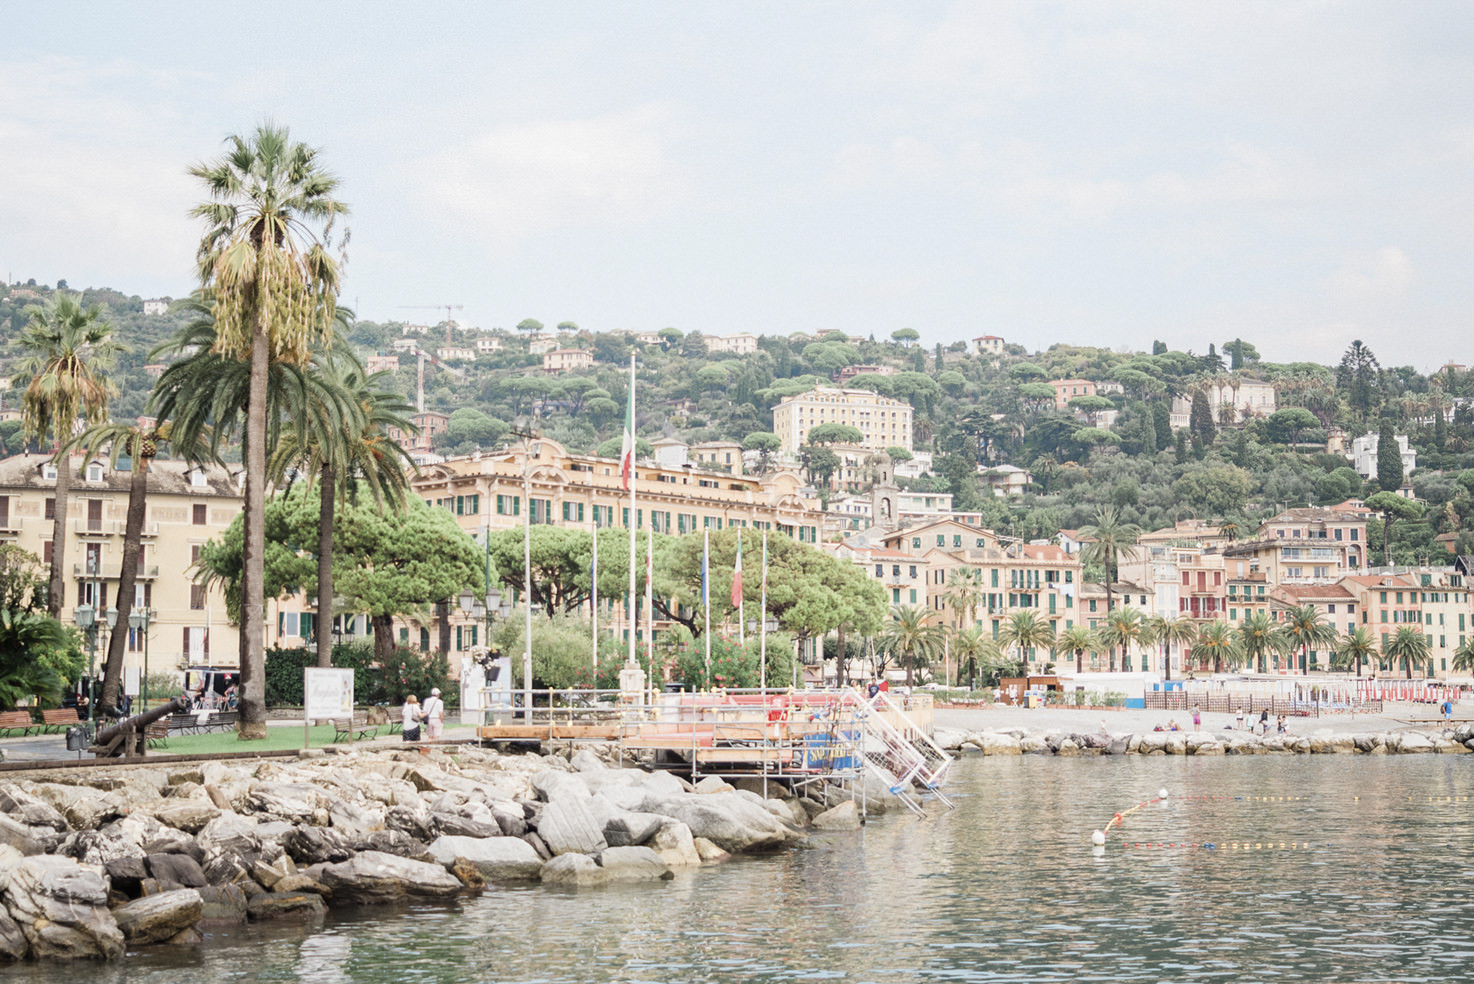 Panorama of the Riviera Ligure